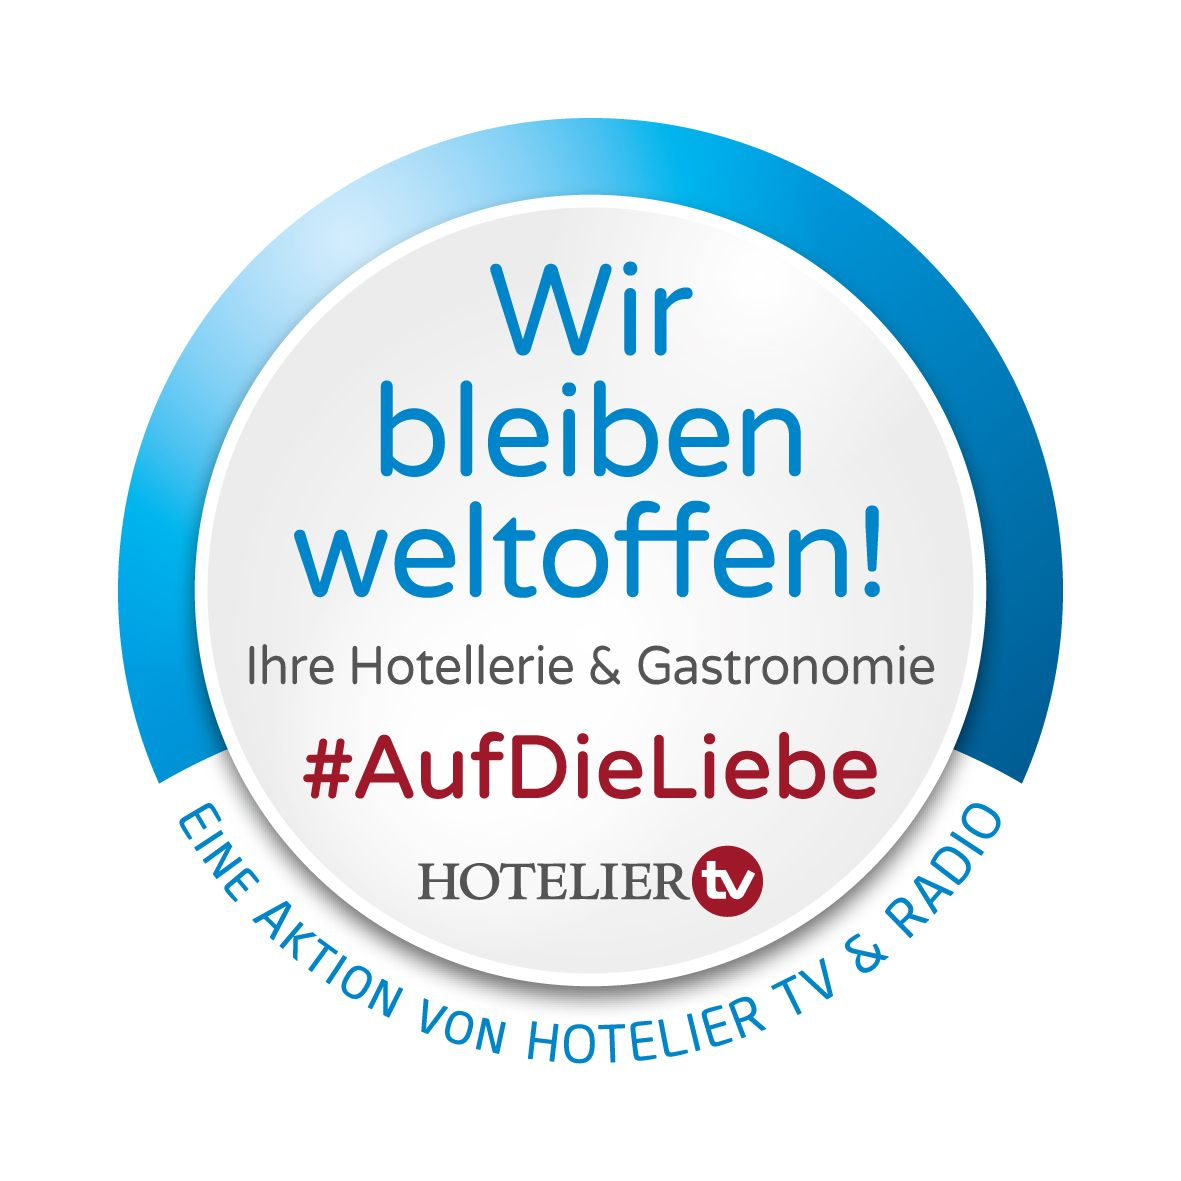 Wir bleiben weltoffen - Button von HOTELIER TV & RADIO - Druckvorlage kostenlos erhältlich: ch@hotelier-tv.com